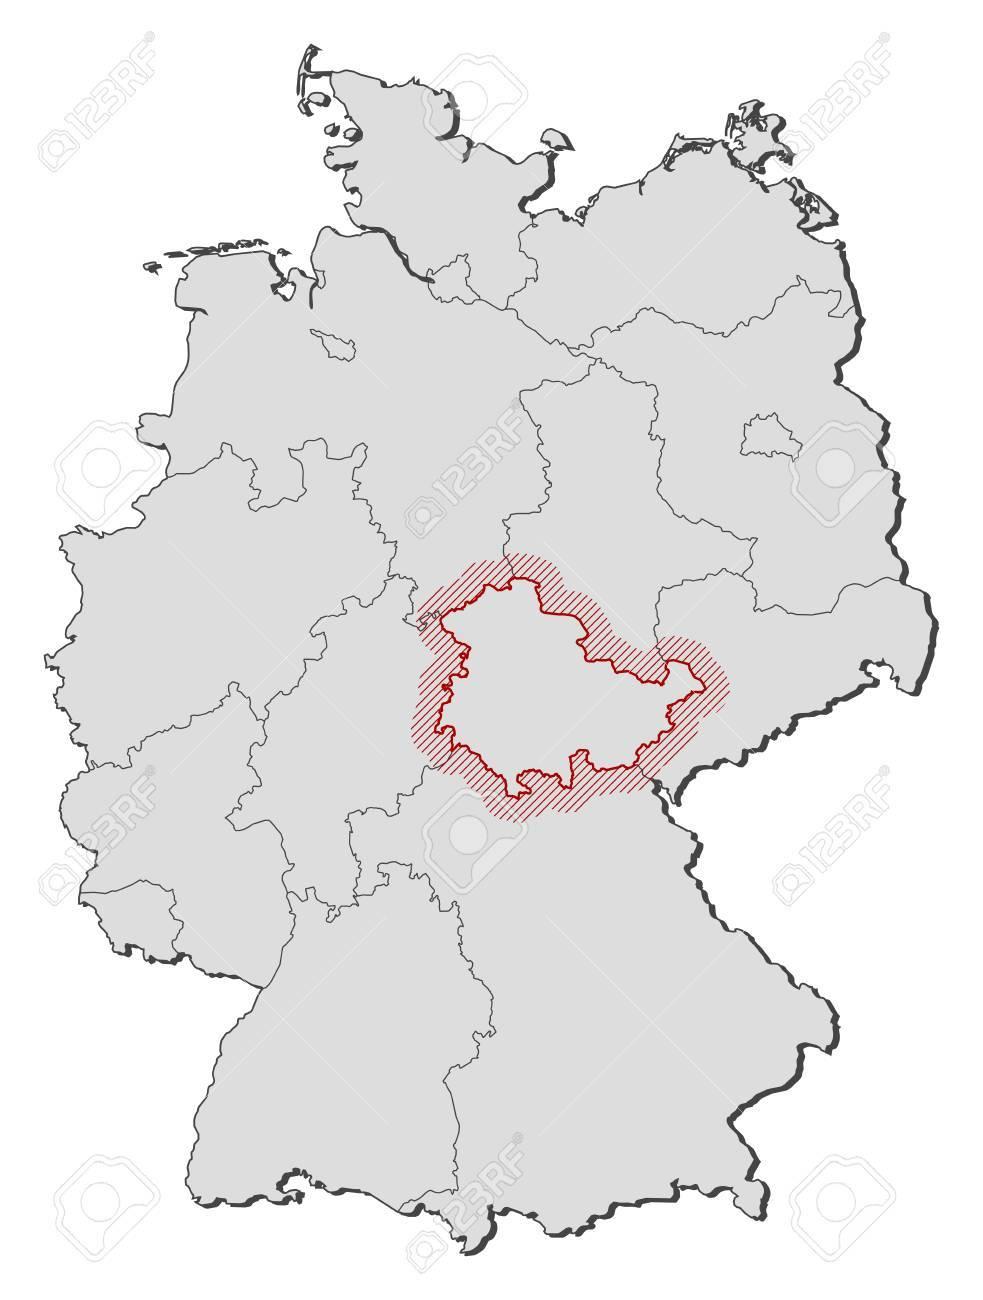 Carte Allemagne Thuringe.Carte De L Allemagne Avec Les Provinces Thuringe Est Mis En